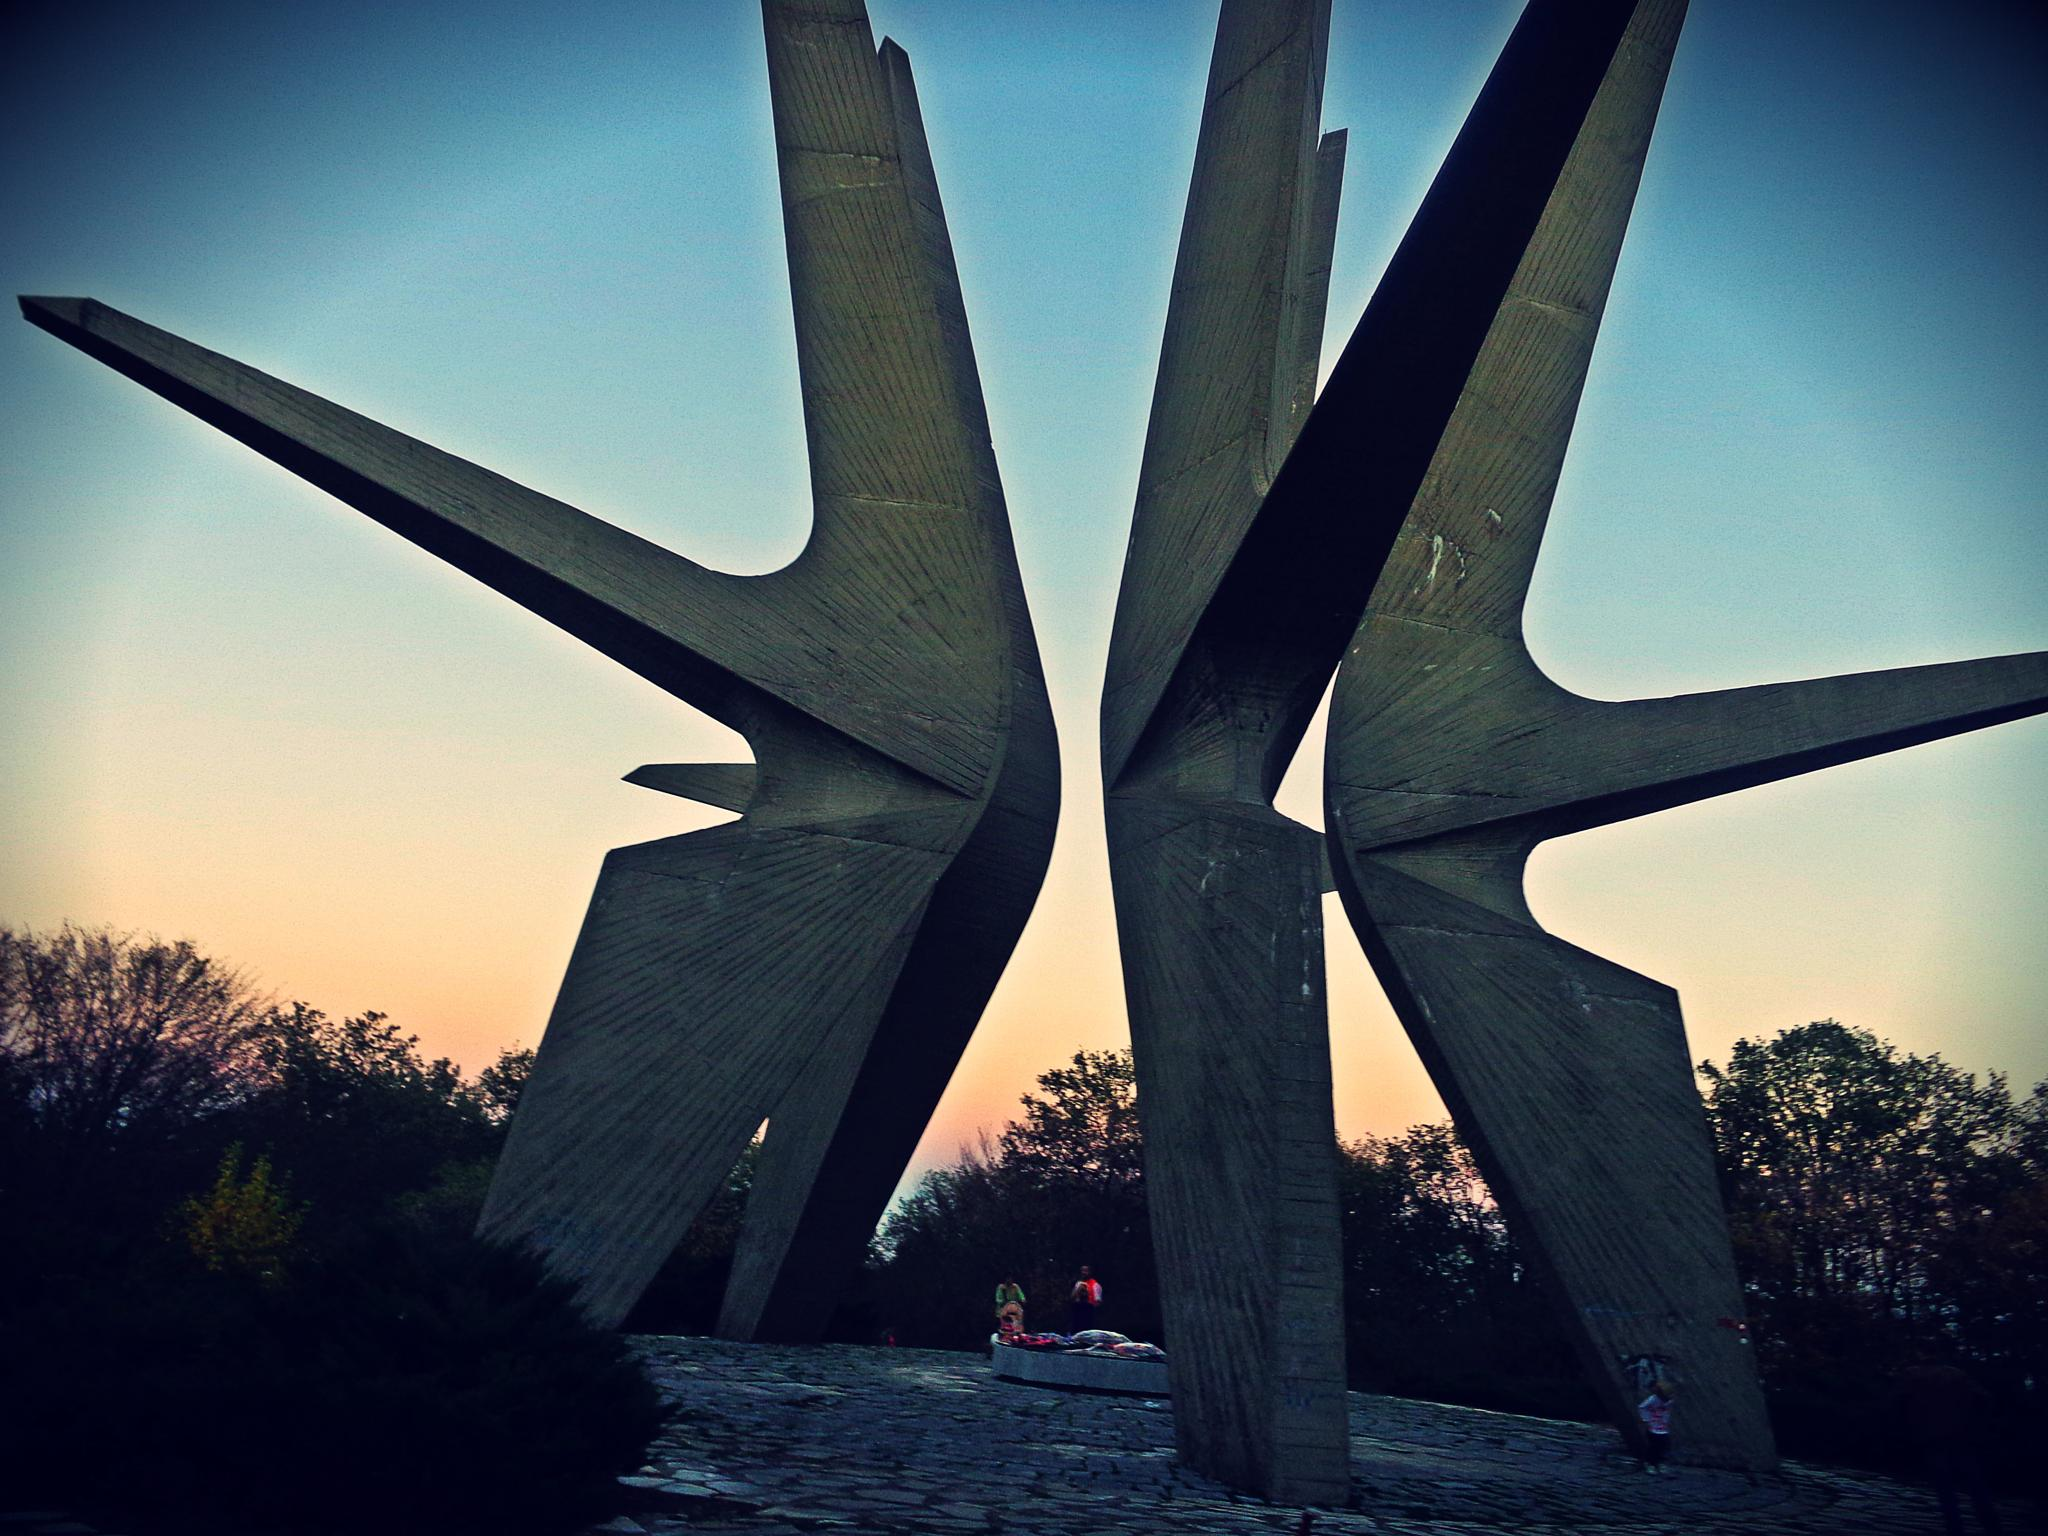 Kosmaj monument by Jelena Durlevic